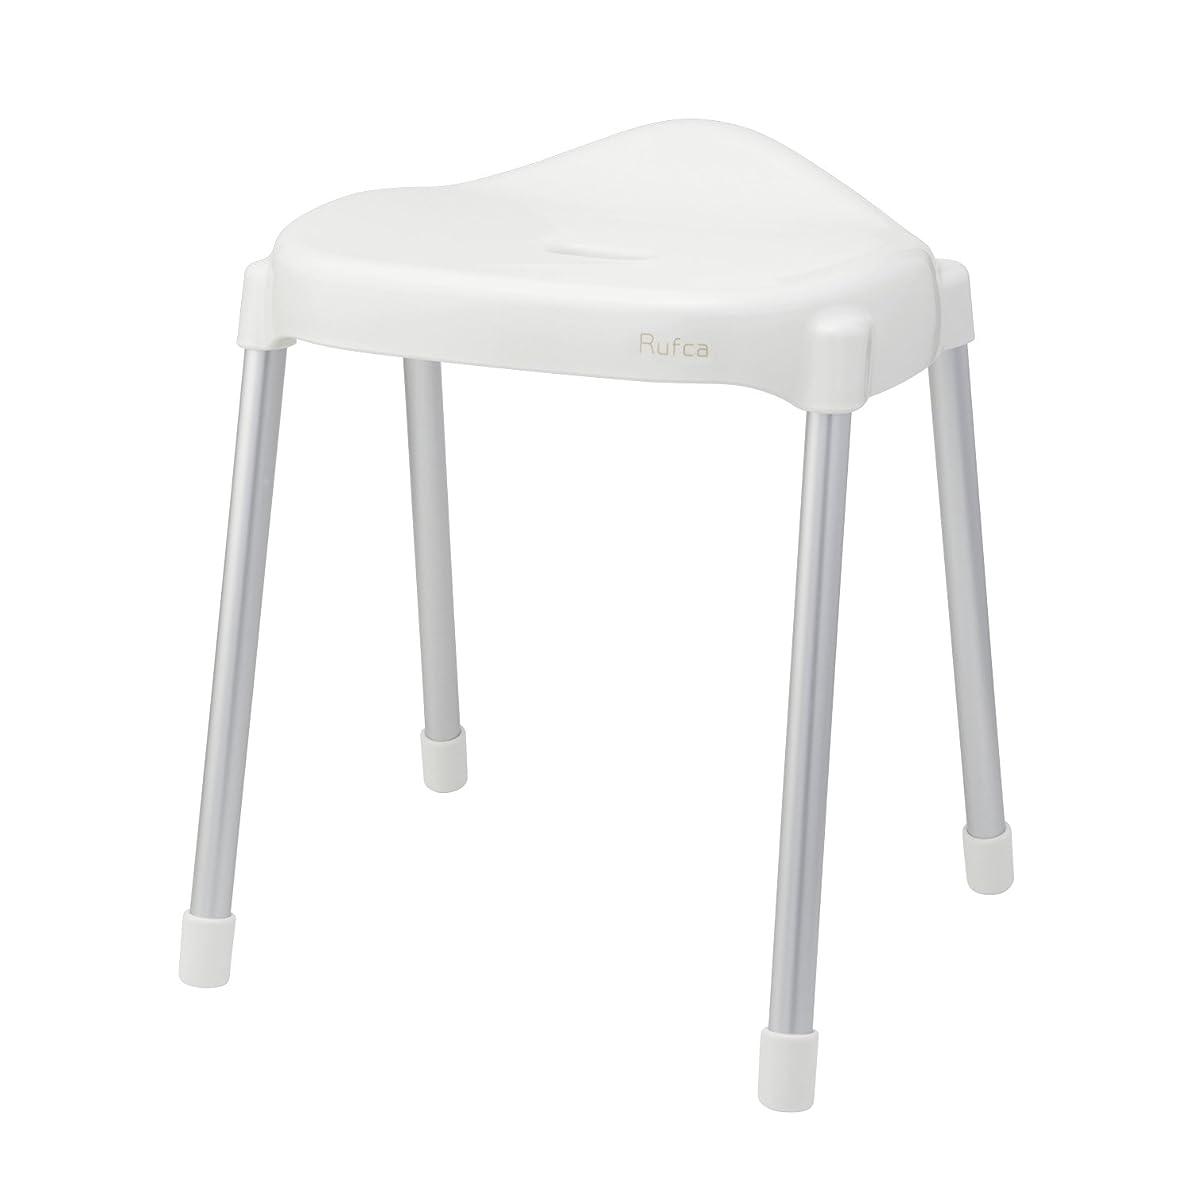 責ご予約任意レック Rufca 風呂いす ワイド座面 高さ40cm ホワイト (風呂椅子 バスチェア) BB-387